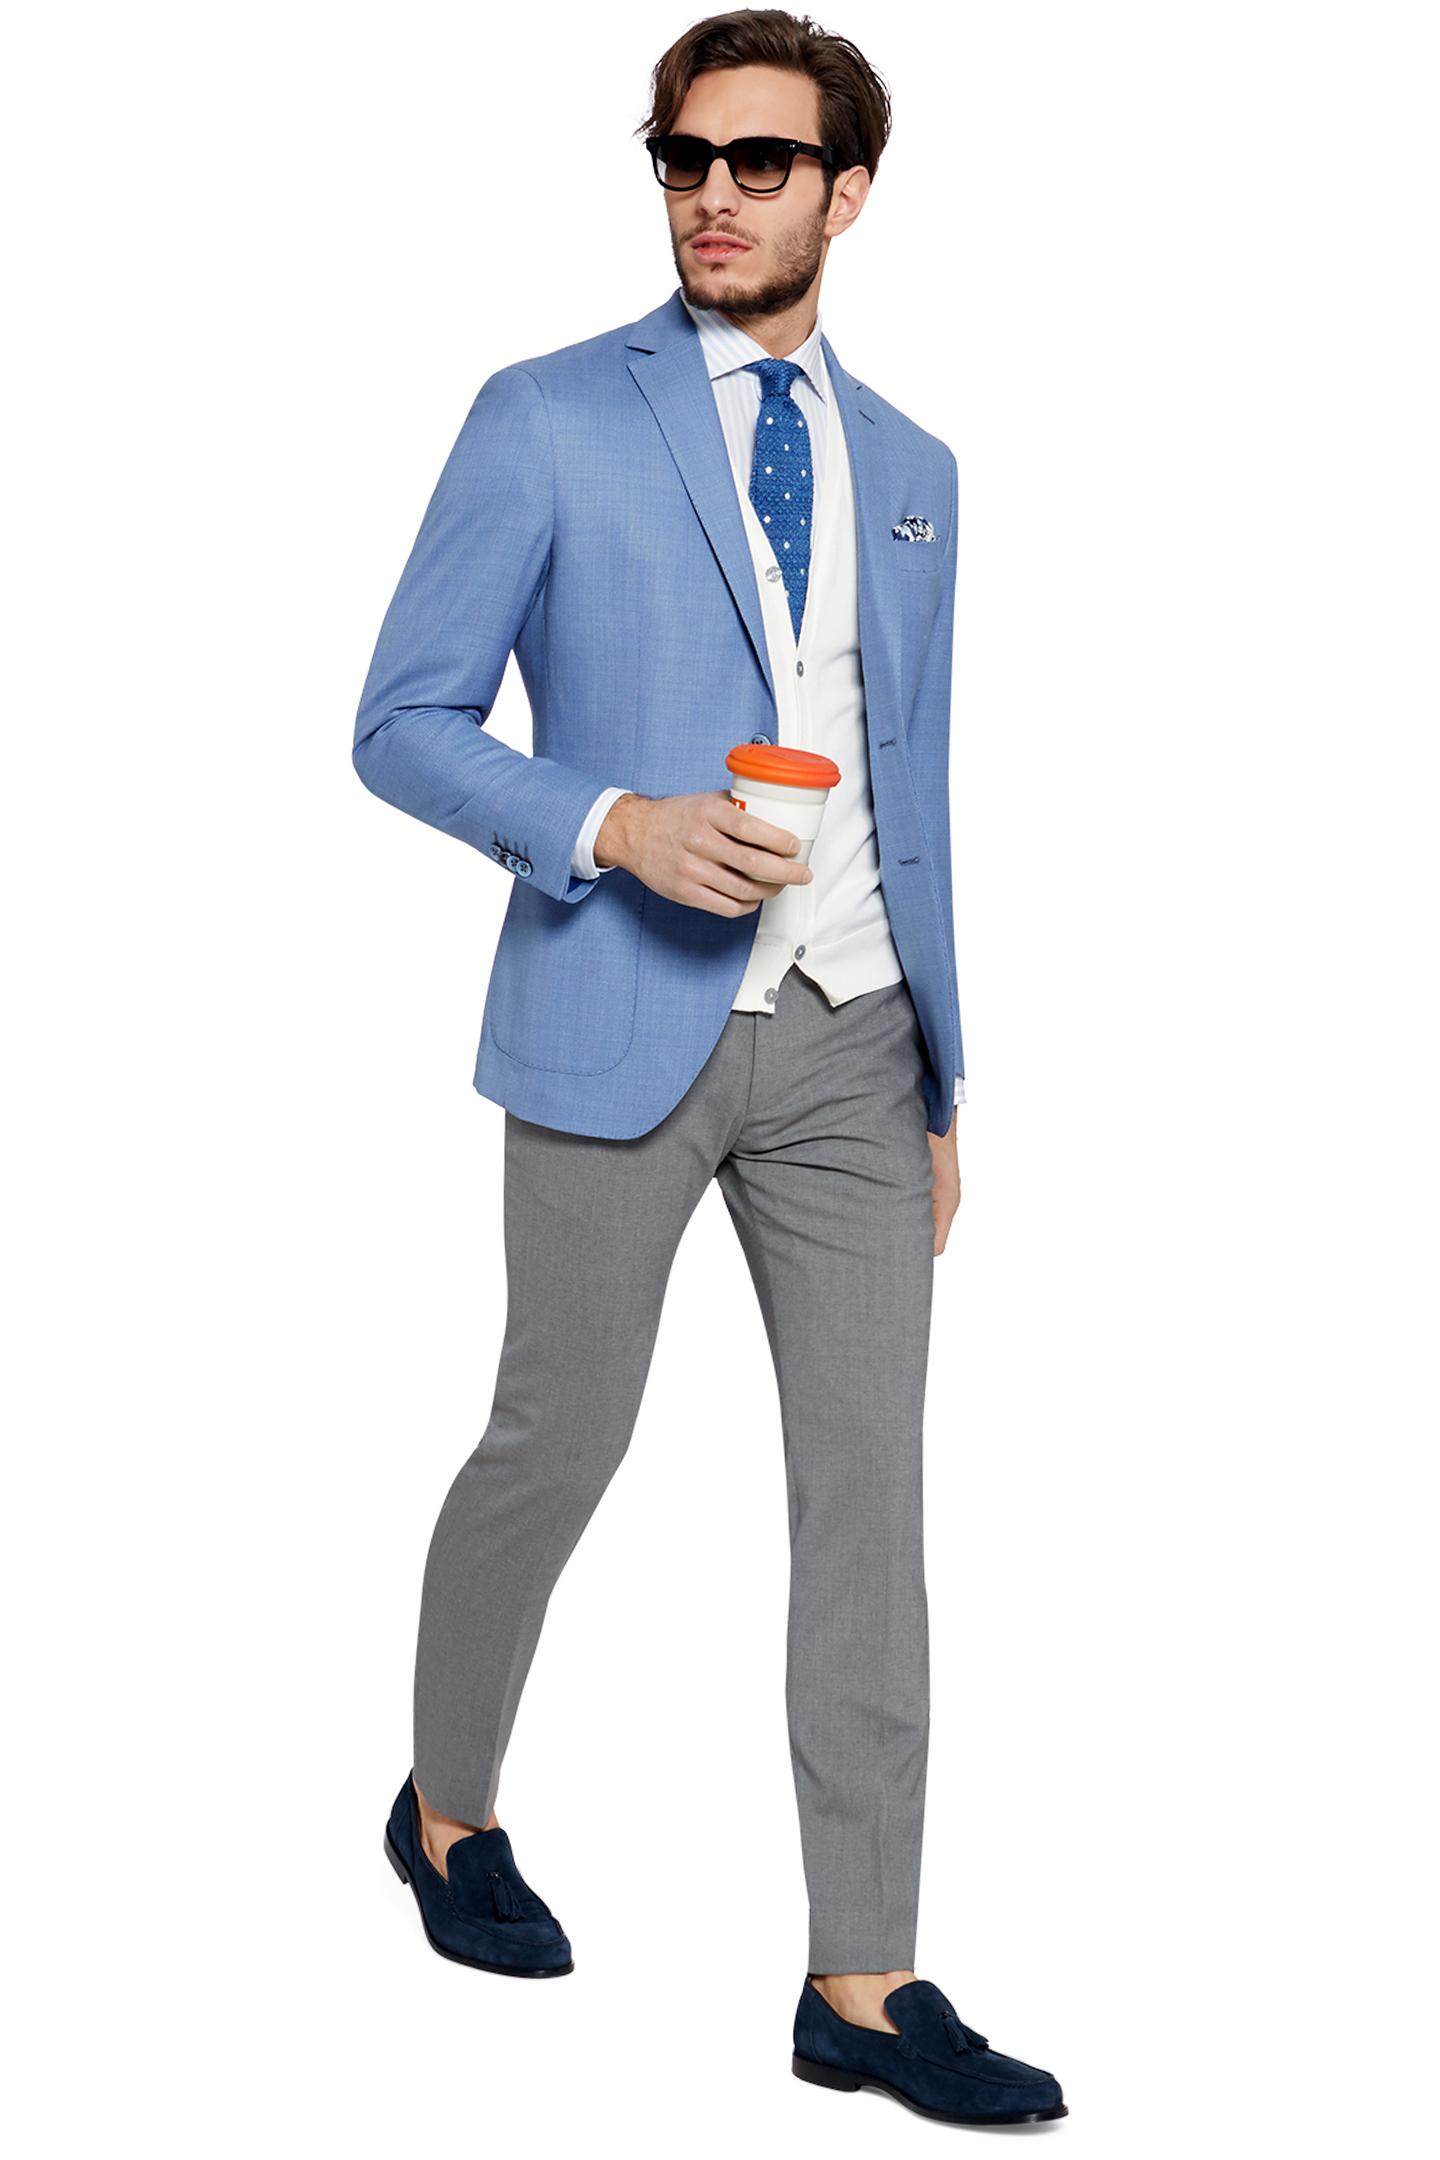 Giacche uomo La collezione di giacche OVS propone una selezione di tagli classici e moderni dai dettagli sartoriali e dai materiali premium, per una texture morbida ed elegante. Tra giacche a uno, due, tre bottoni o doppiopetto, blazer easy-going destrutturati e semi foderati, field jacket e blazer dal tono military, ognuno può trovare il modello più giusto per sé.